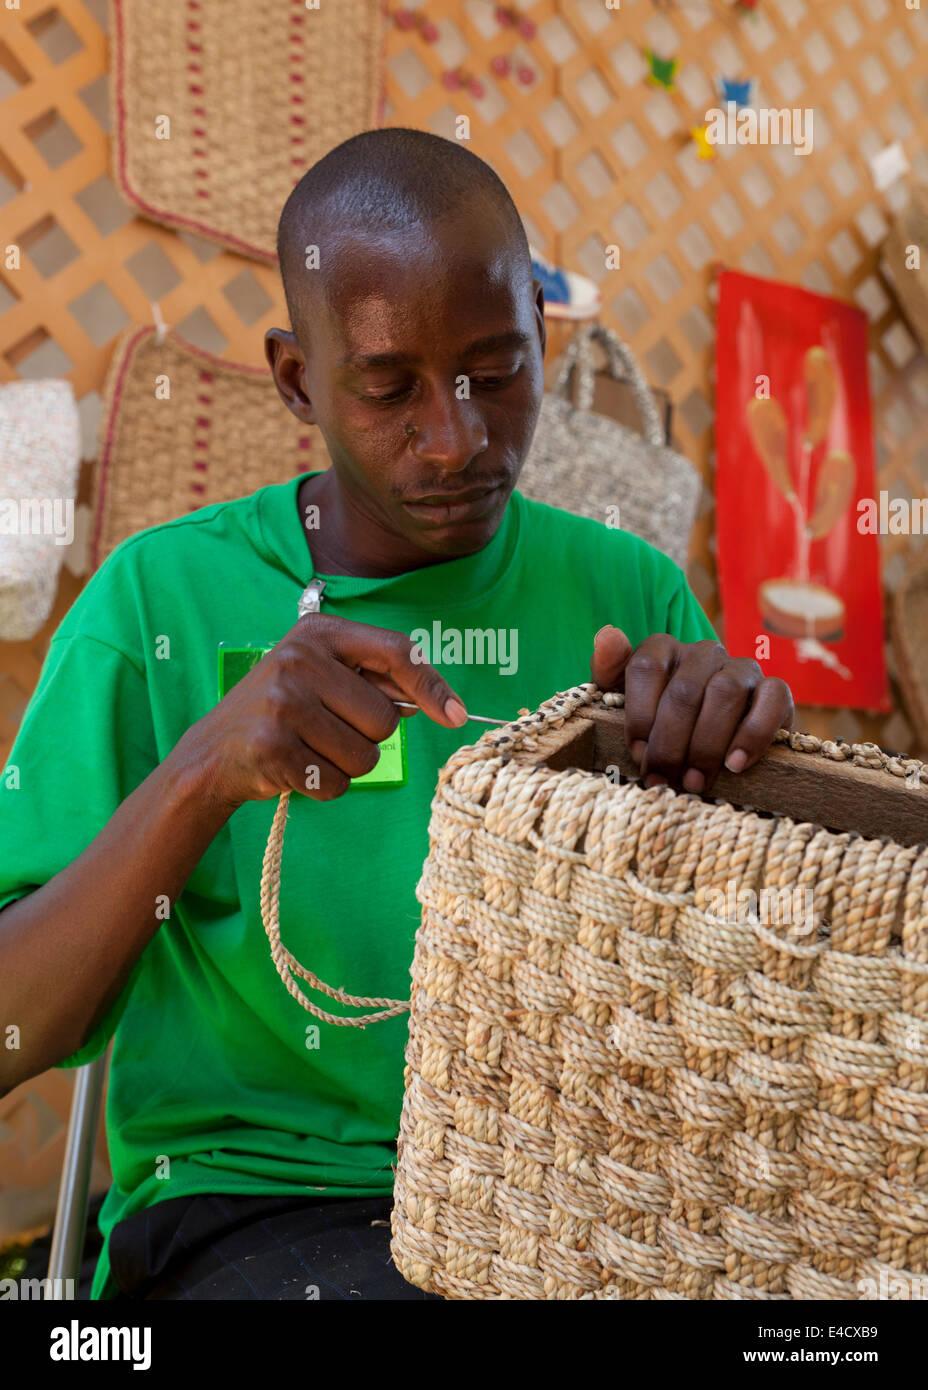 Kenyan man weaving basket - USA Stock Photo